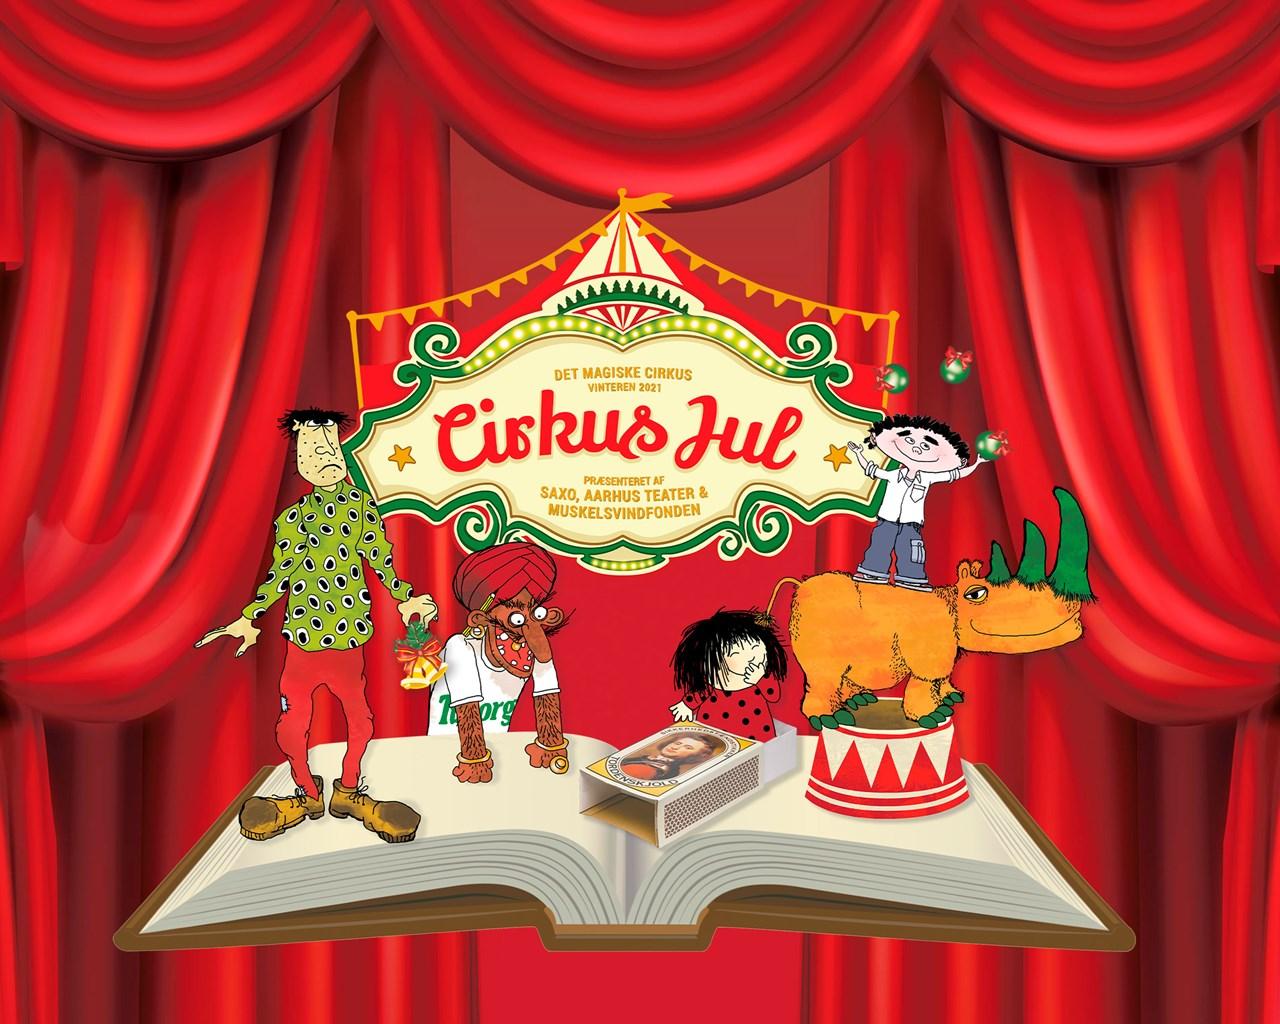 Cirkus Jul - Muskelsvindfonden, Saxo og Aarhus Teater